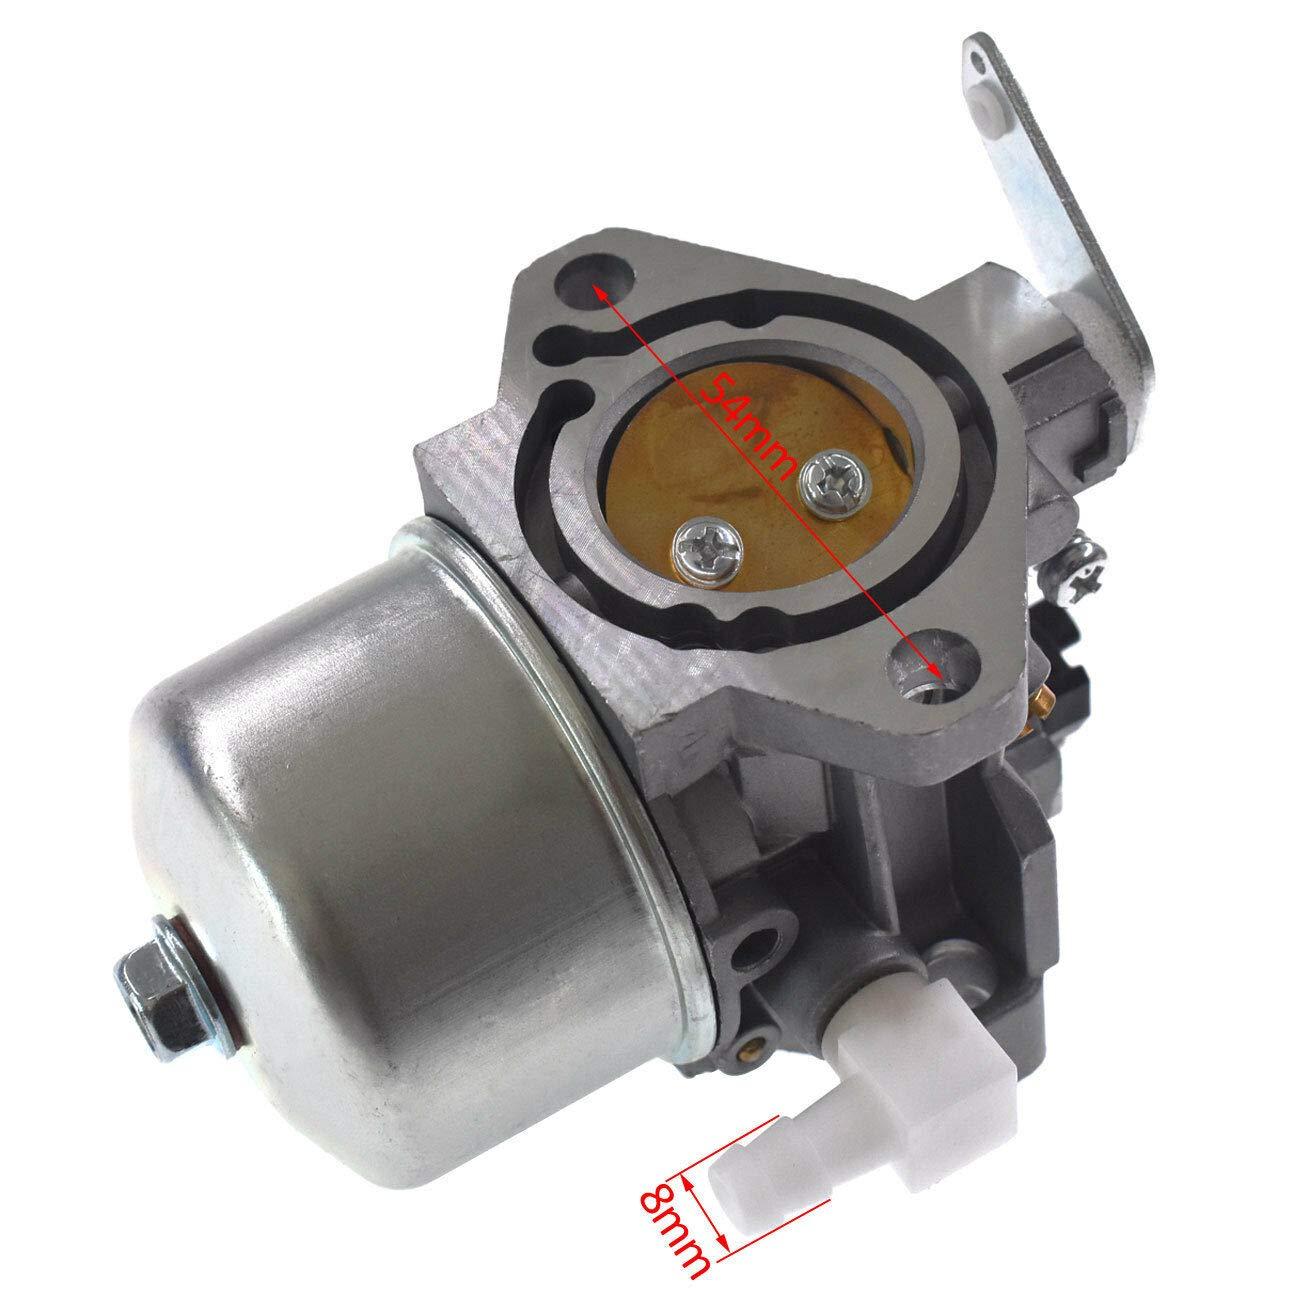 FidgetKute New Carburetor for Briggs & Stratton Engine Tractor Walbro Carb 690115 by FidgetKute